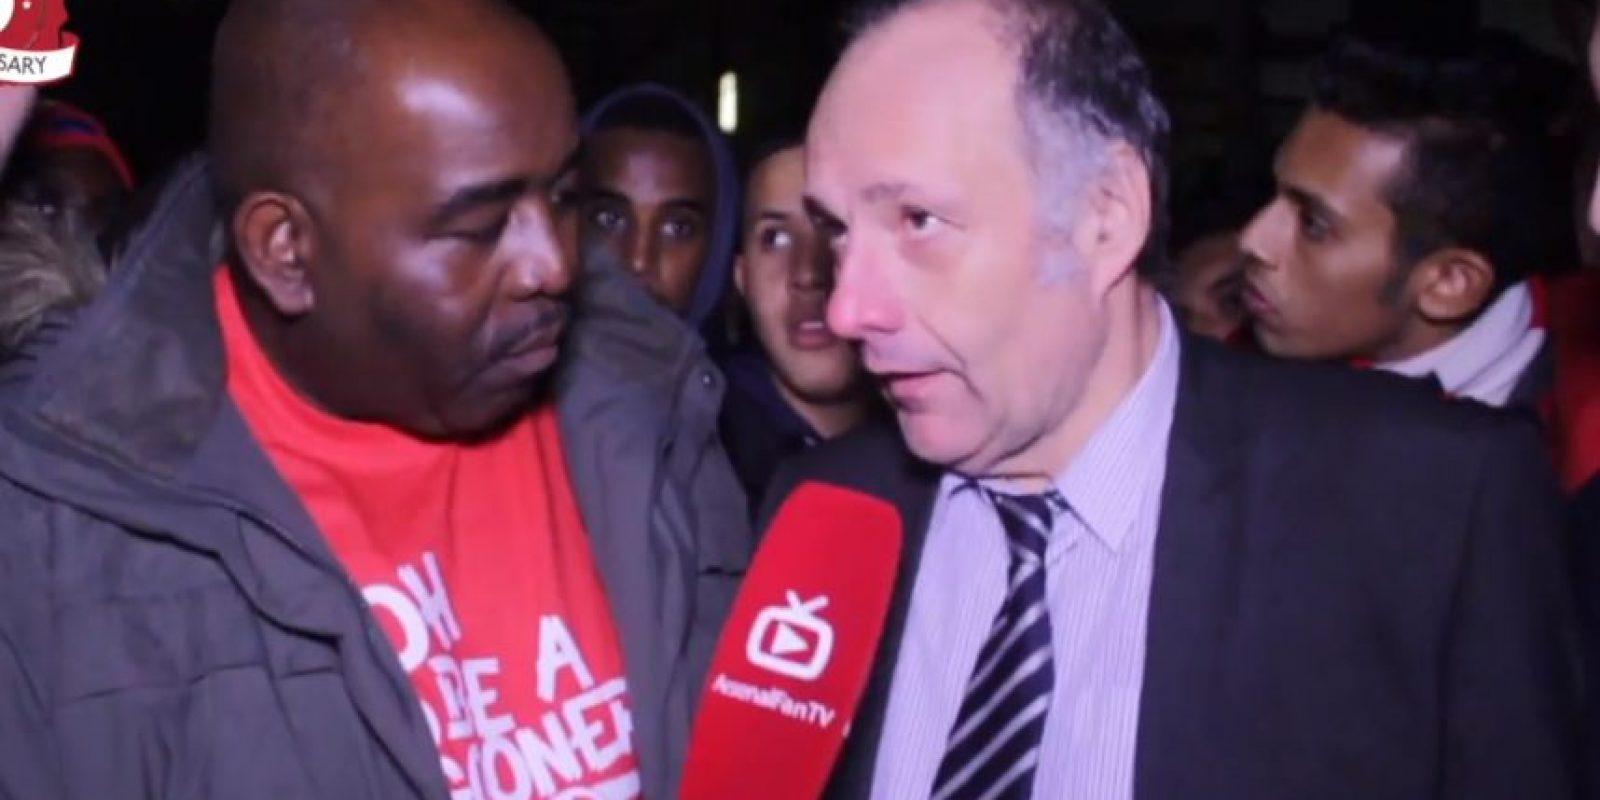 Un hincha del conjunto inglés elogió al delantero chileno Foto:Youtube: ArsenalFanTV